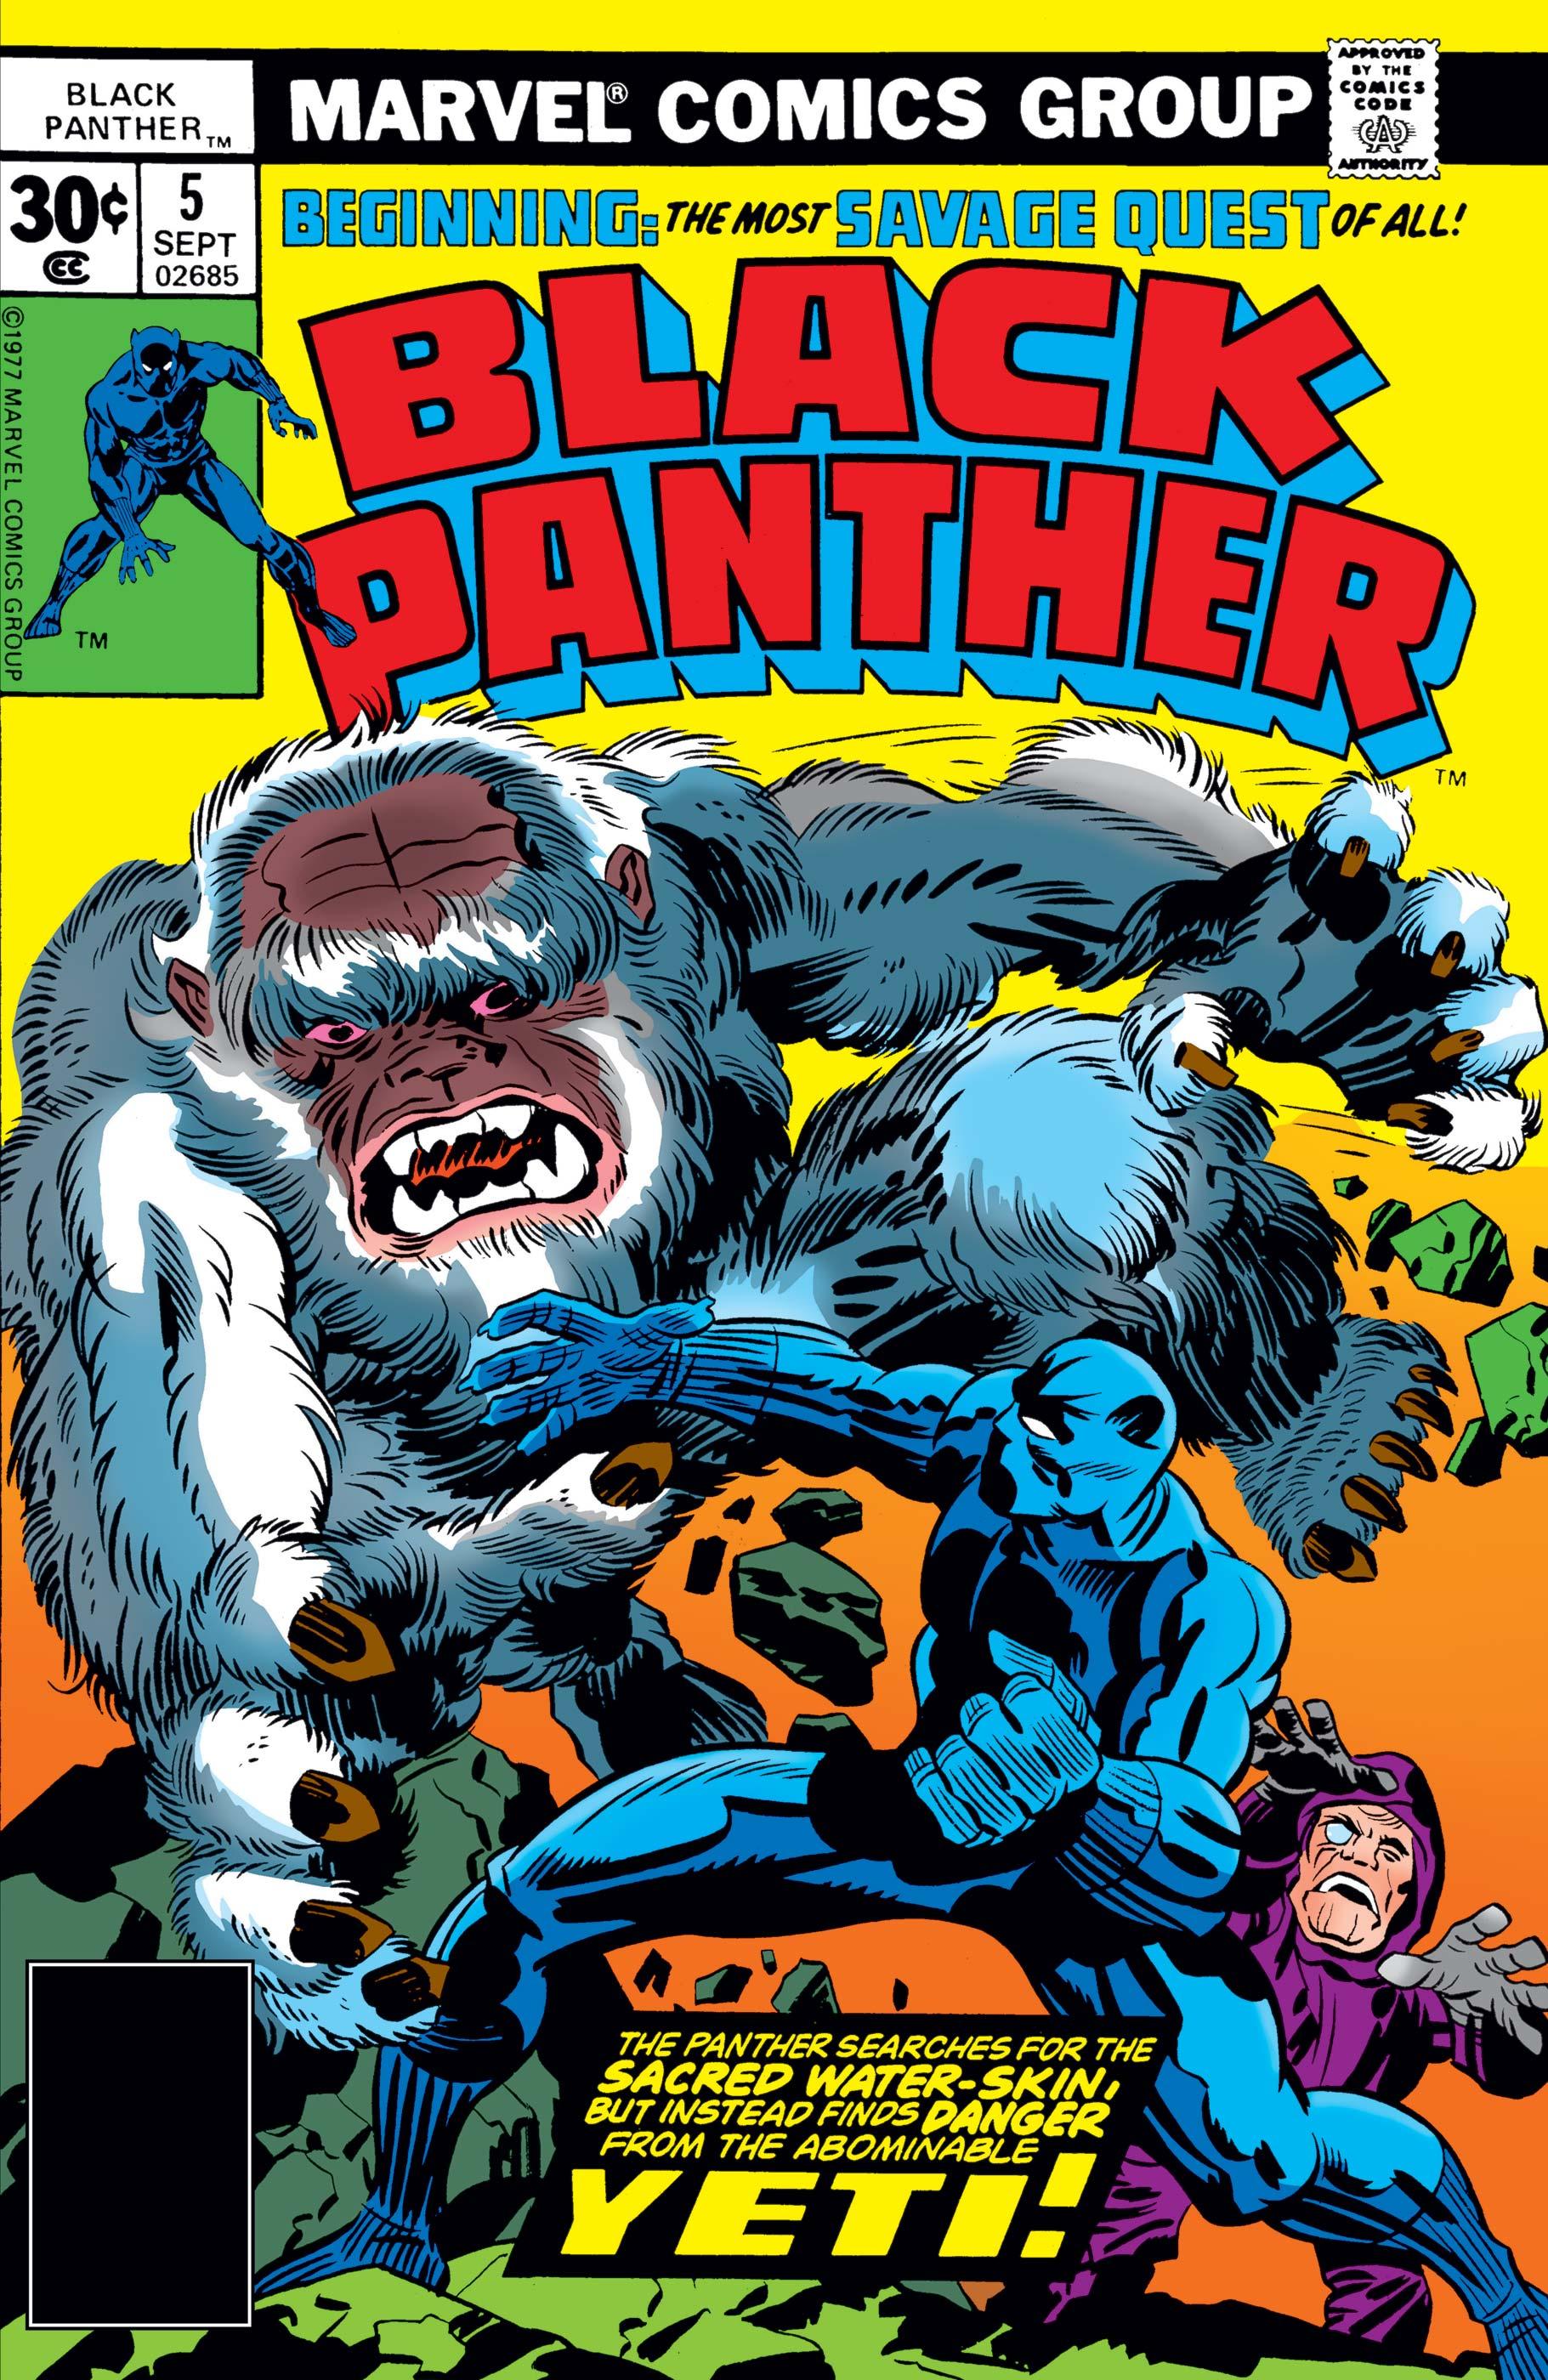 Black Panther (1977) #5